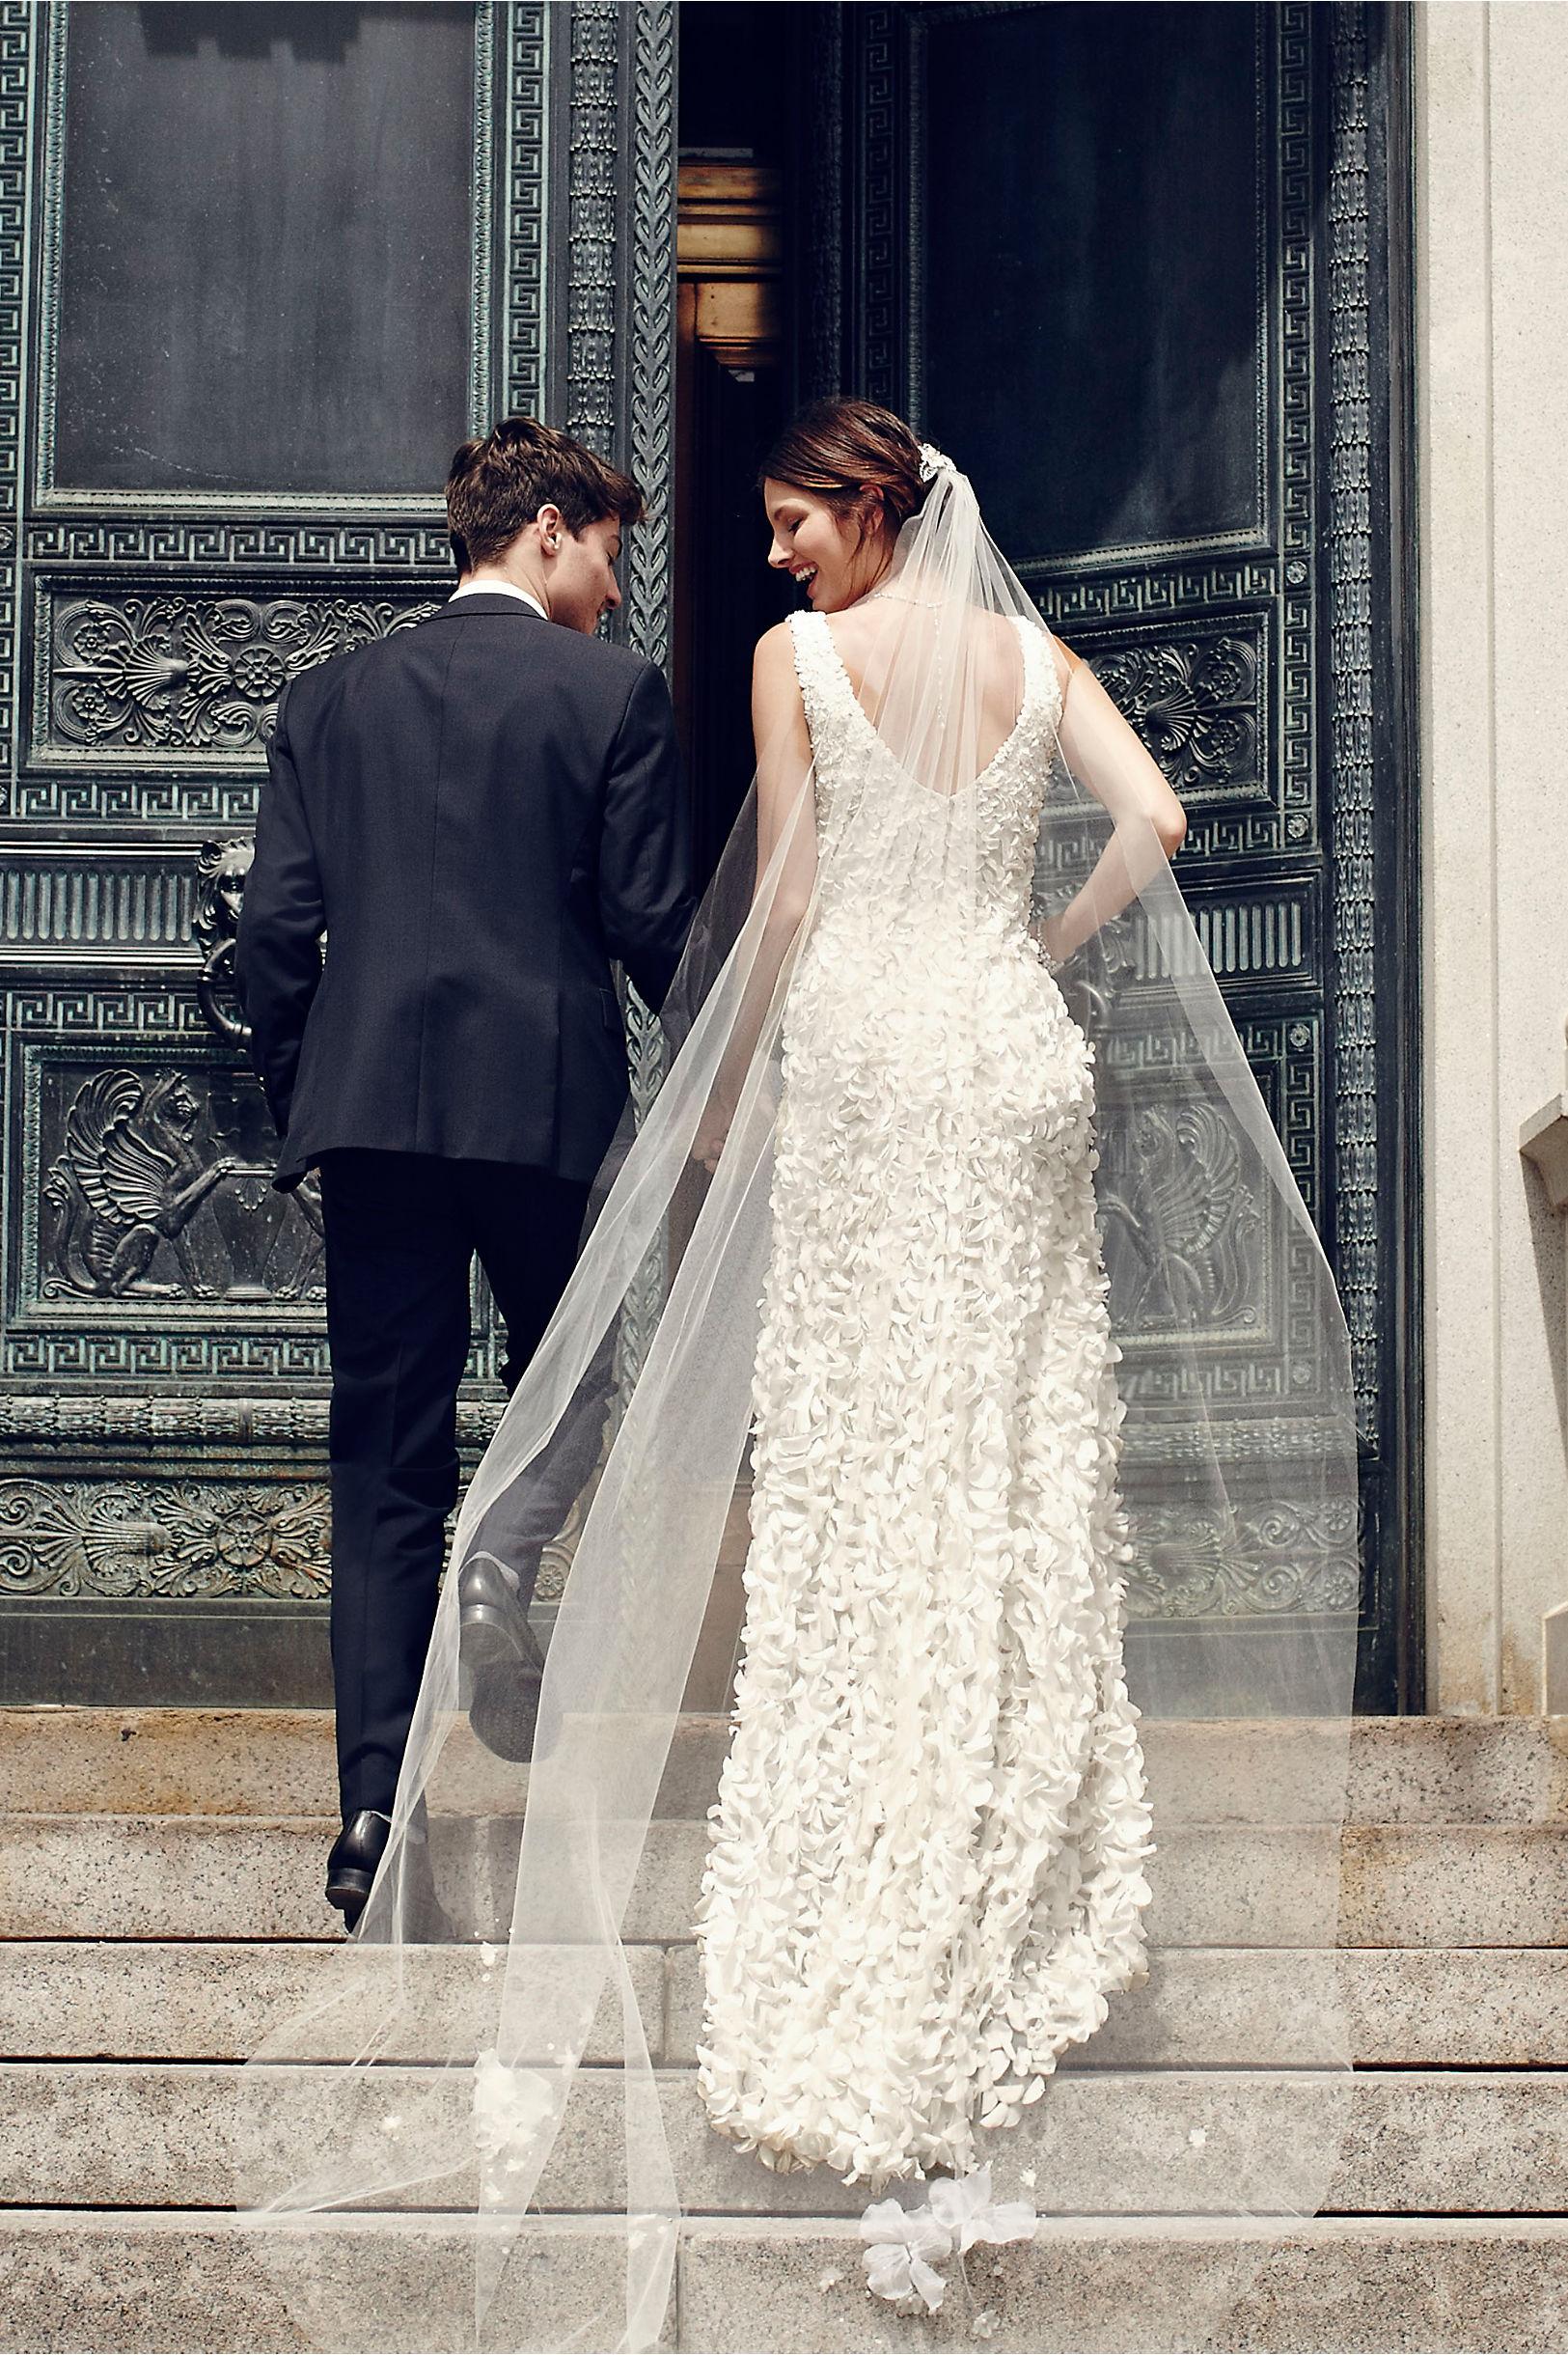 petal wedding dress in ivory